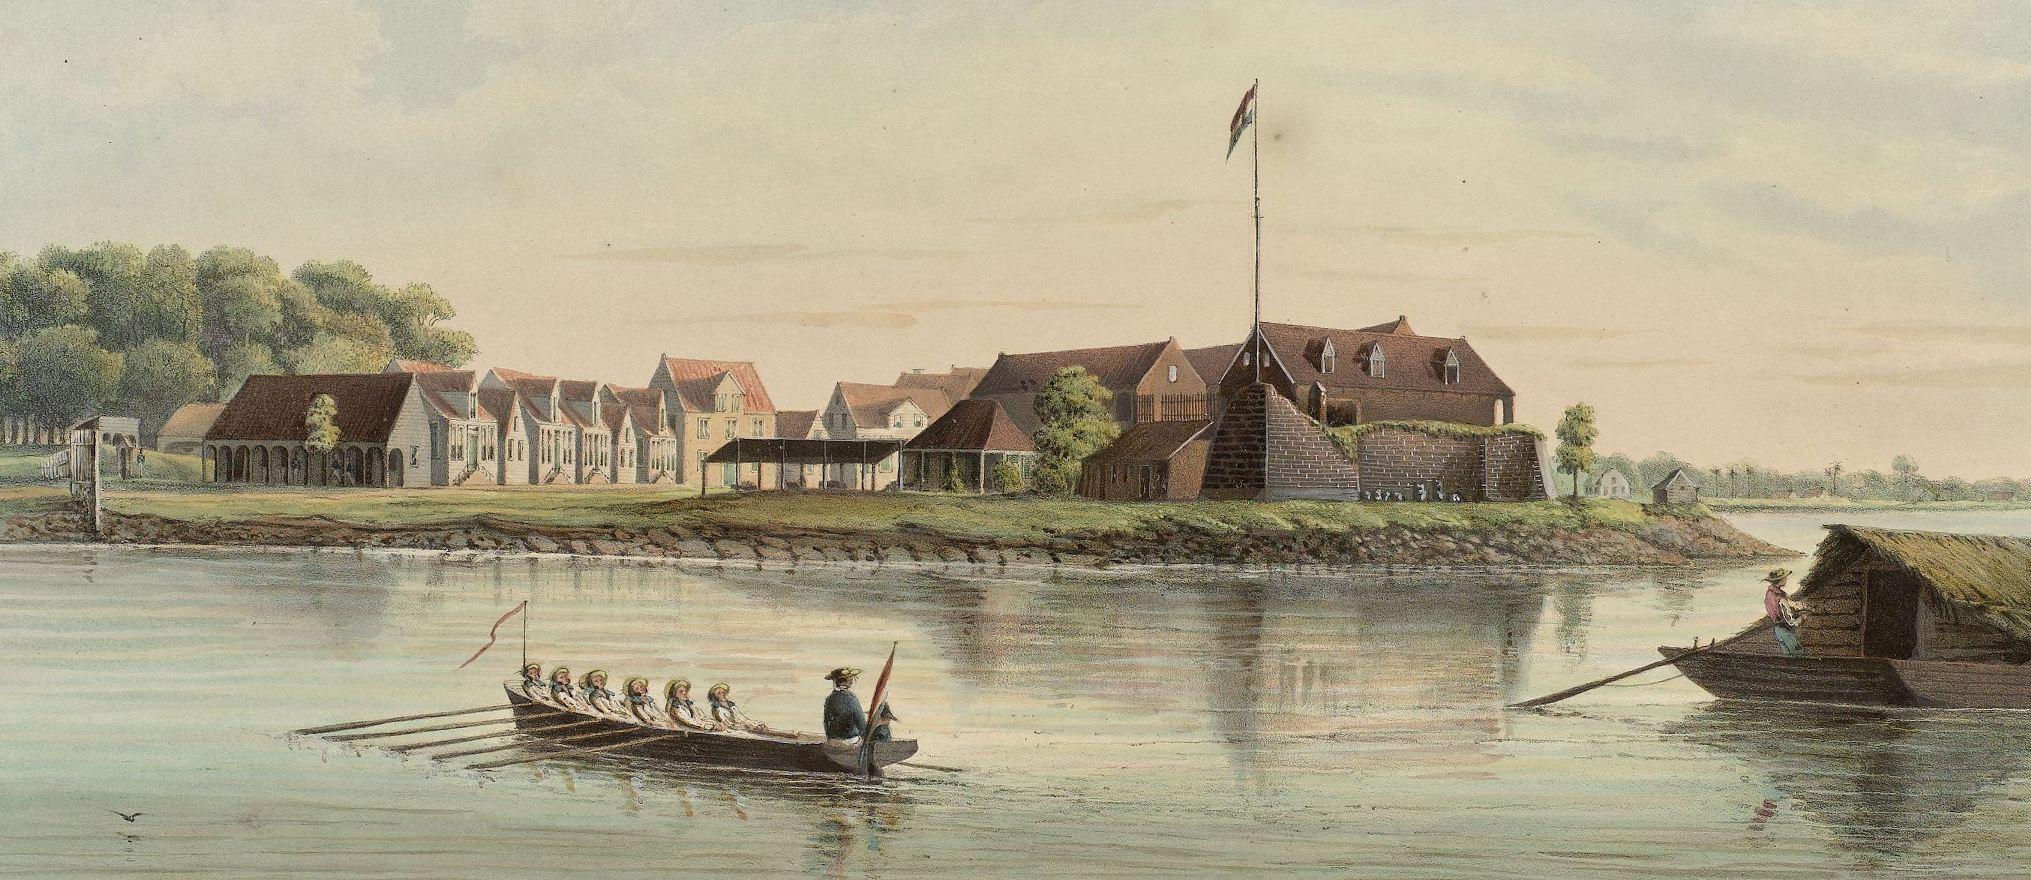 Fort Zeelandia  detail (G.W. Voorduin)